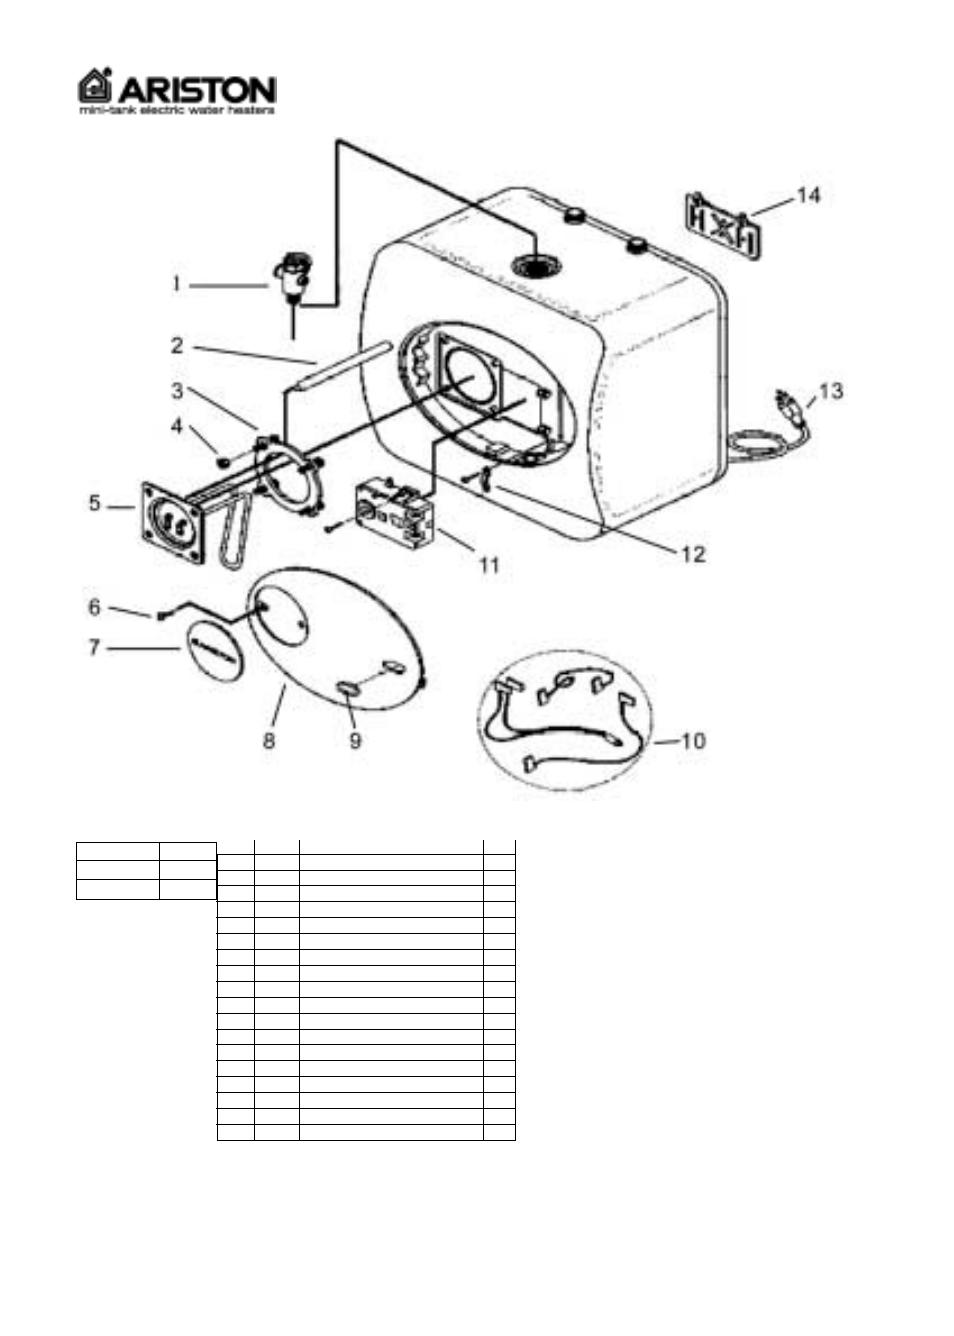 ariston water heater wiring diagram wiring schematic diagram